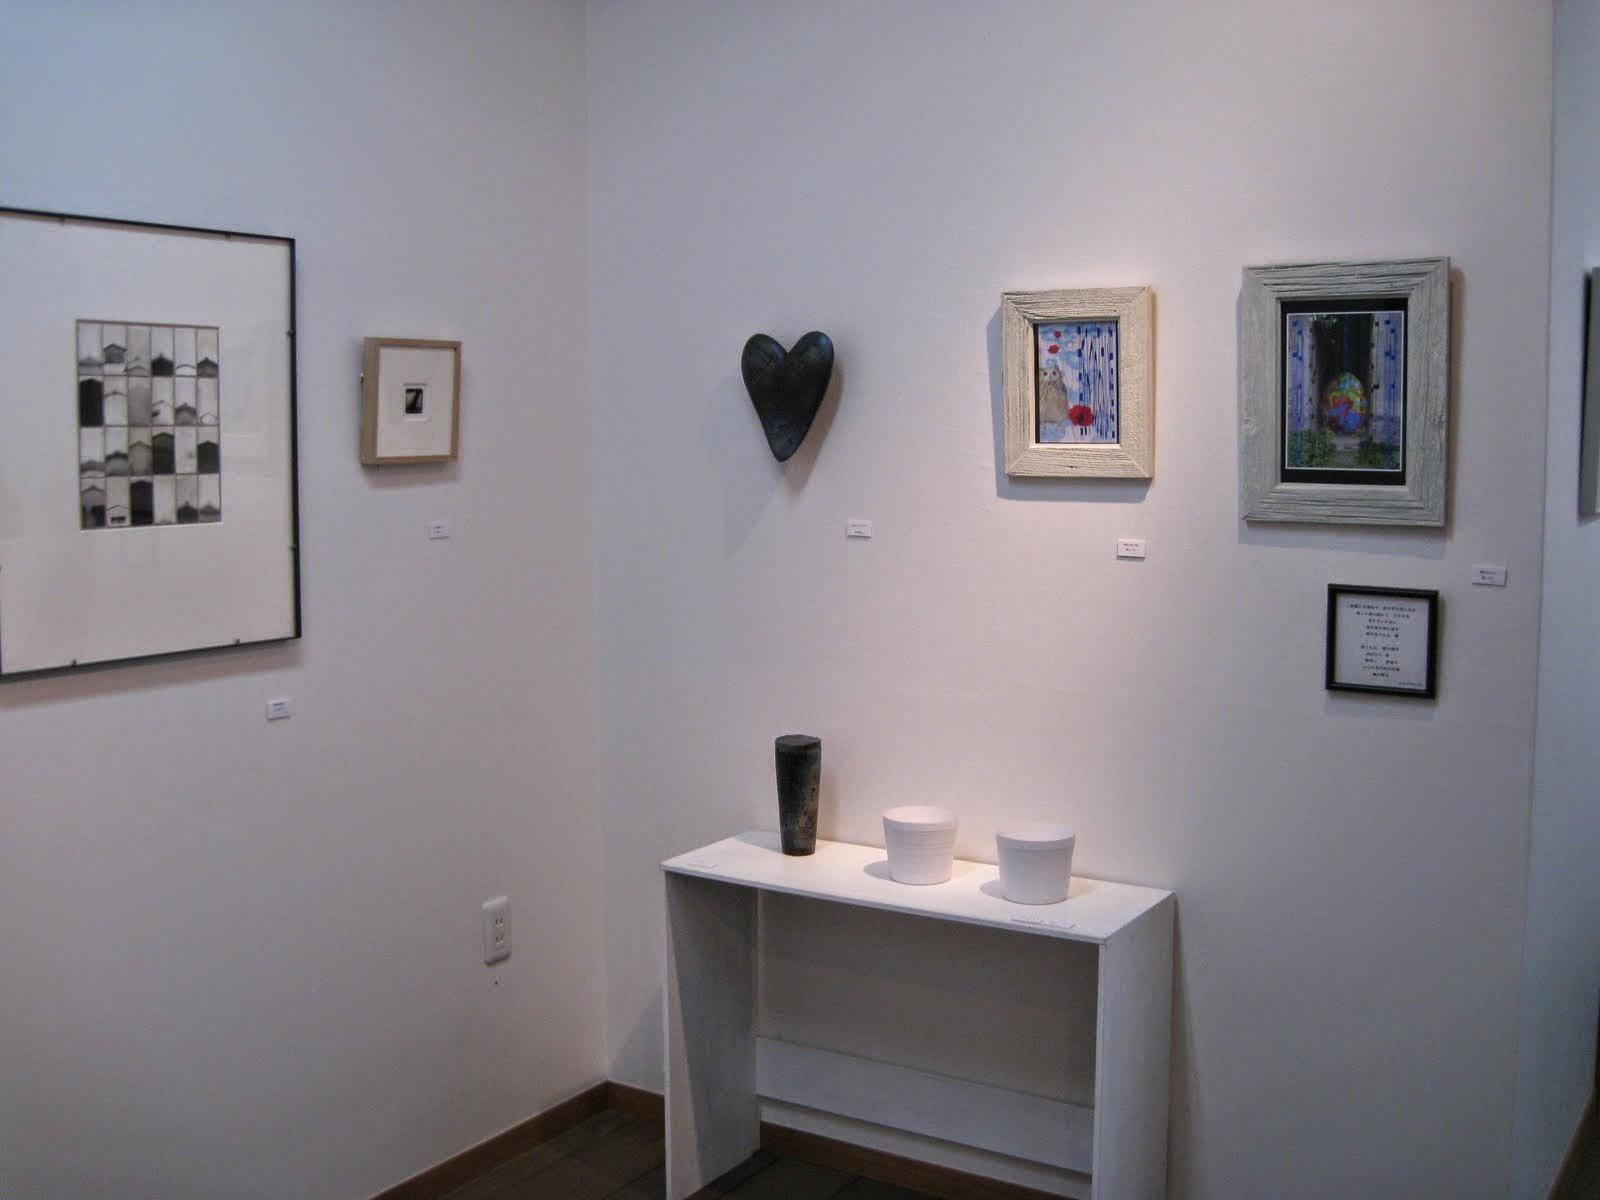 ギャラリー勇斎での展示風景